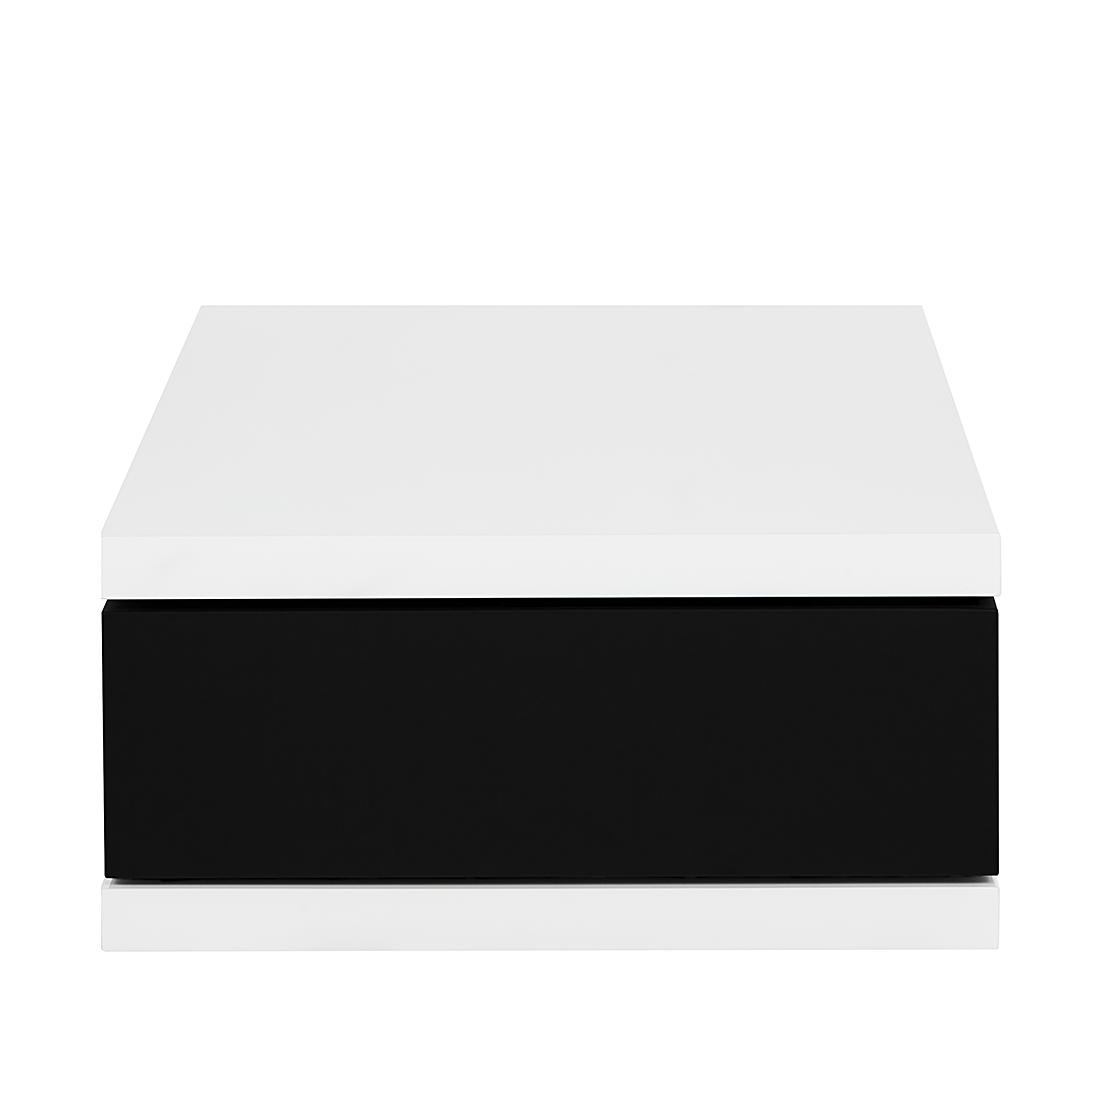 couchtisch schwarz weiss hochglanz ihr traumhaus ideen. Black Bedroom Furniture Sets. Home Design Ideas